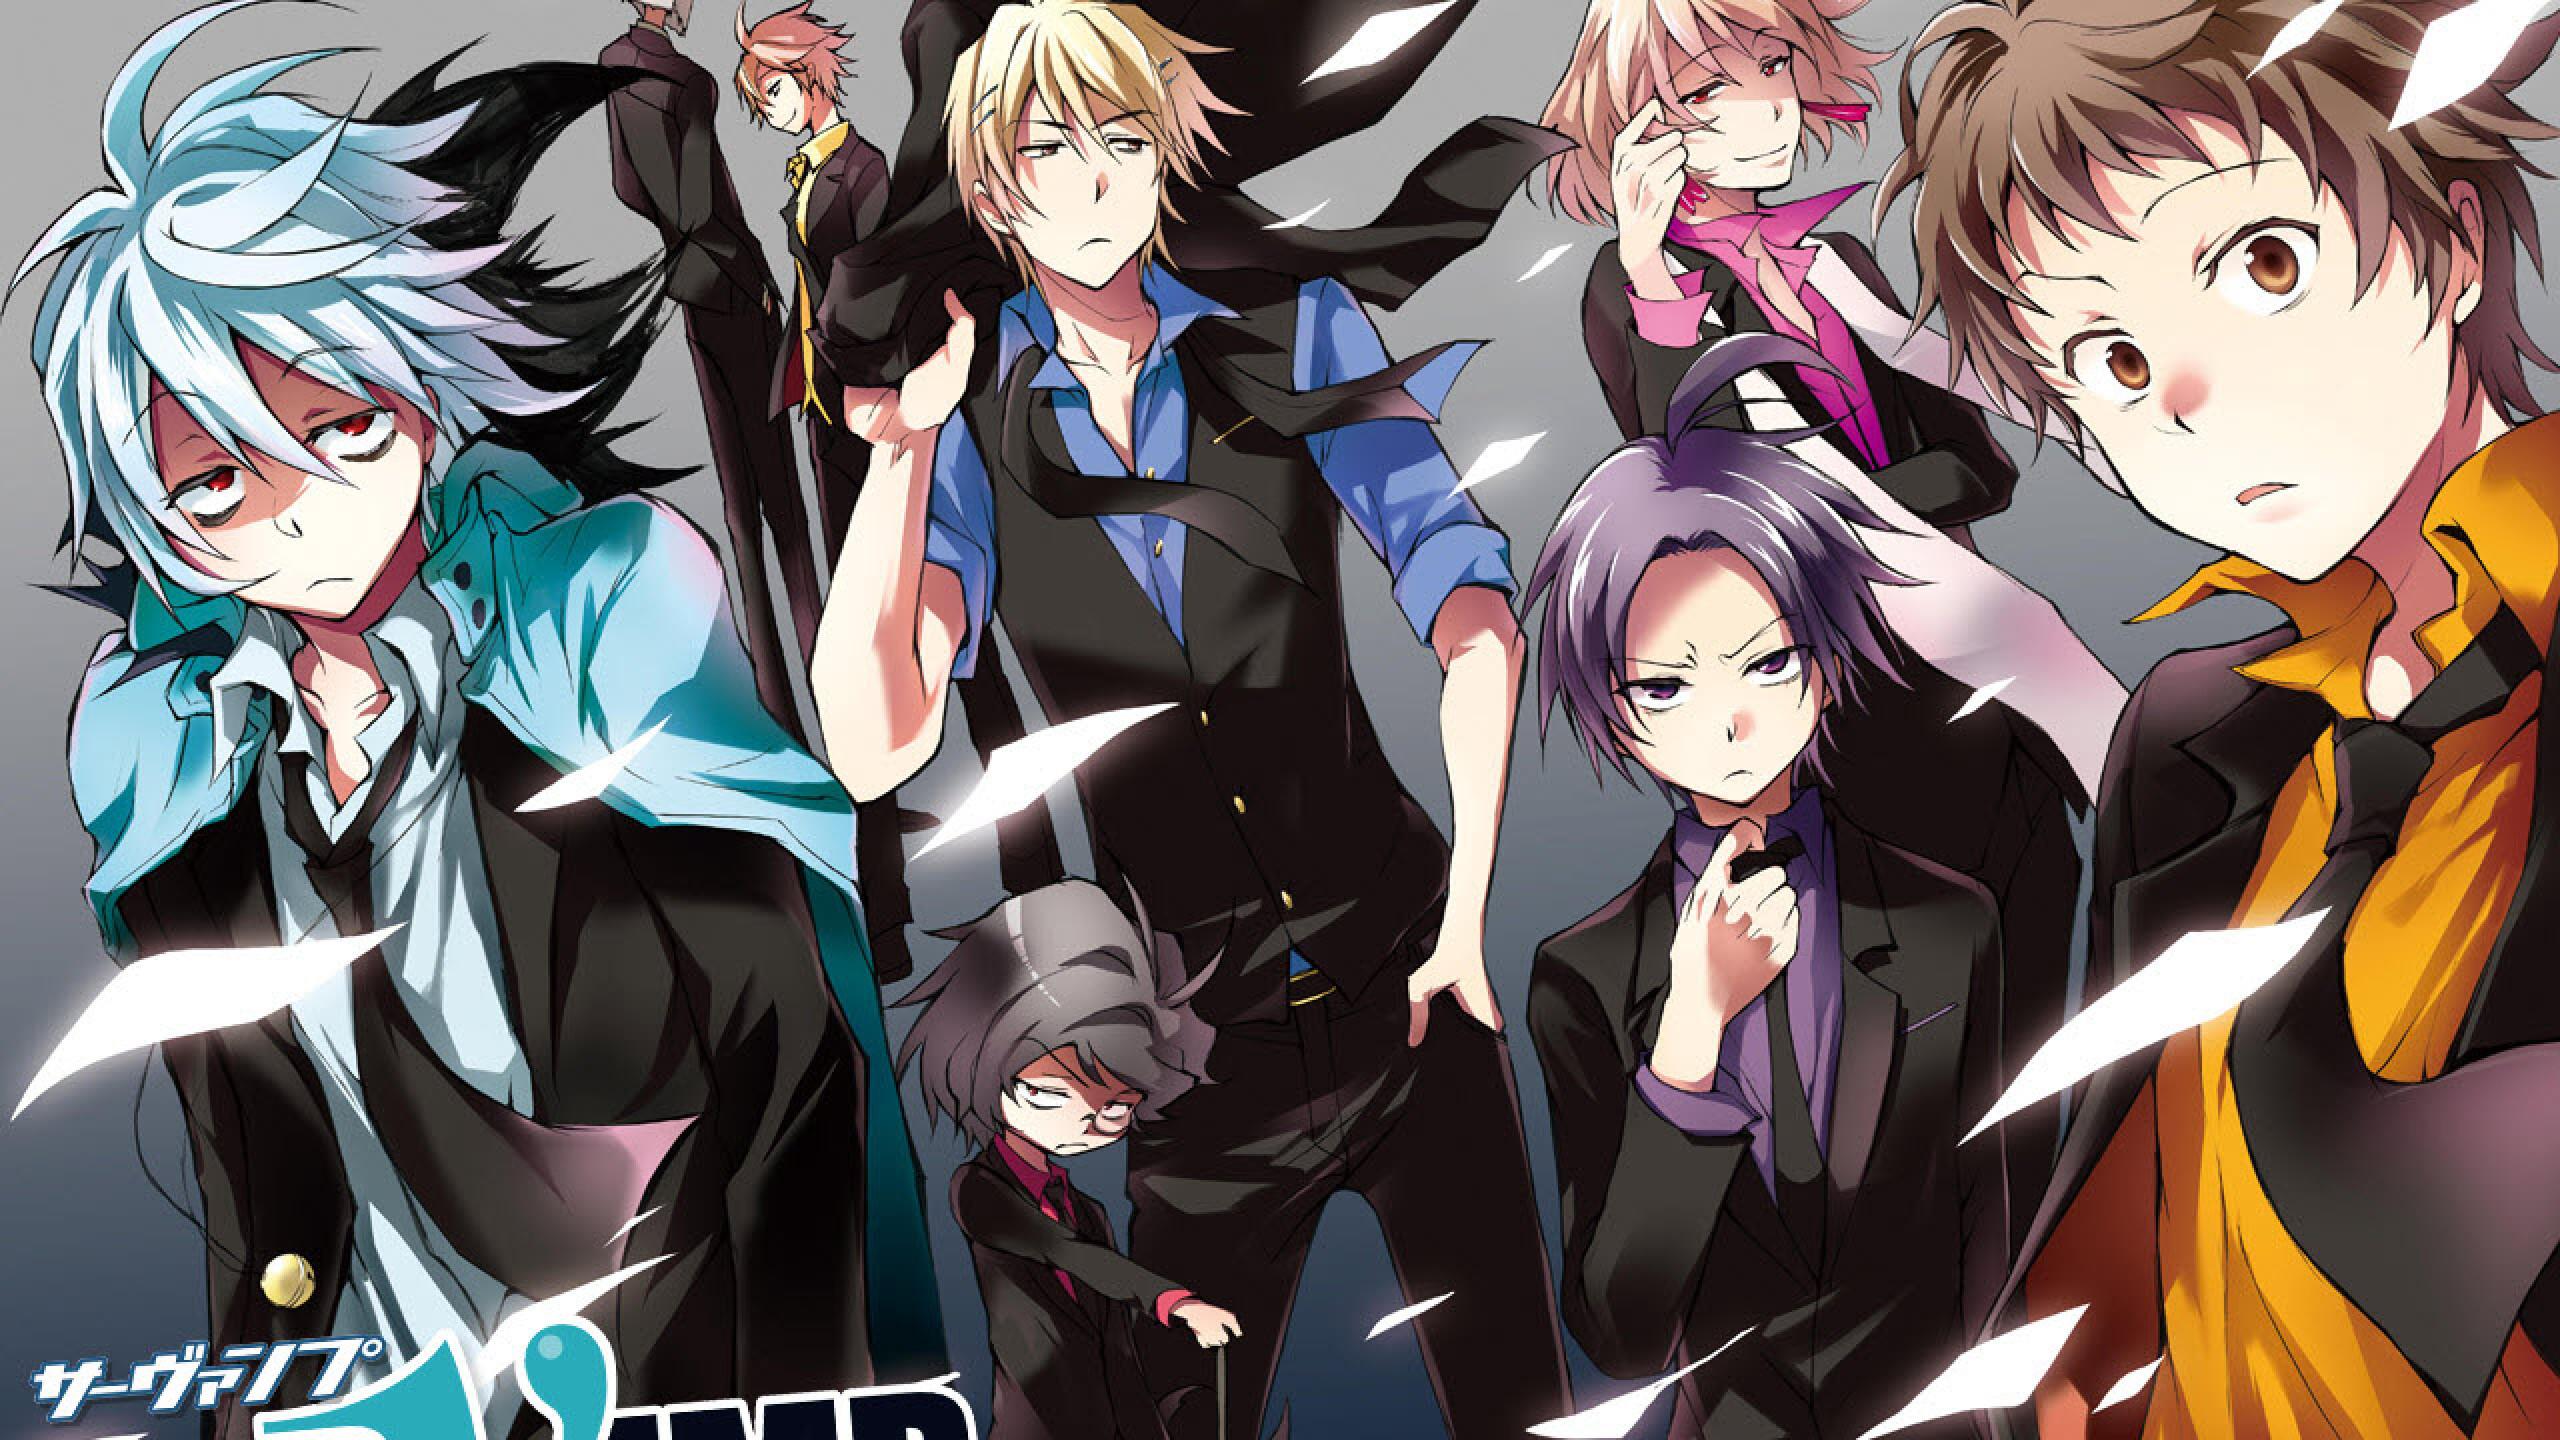 Wallpaper Anime Servamp – 2560×1440. Download · Wallpaper Anime Servamp